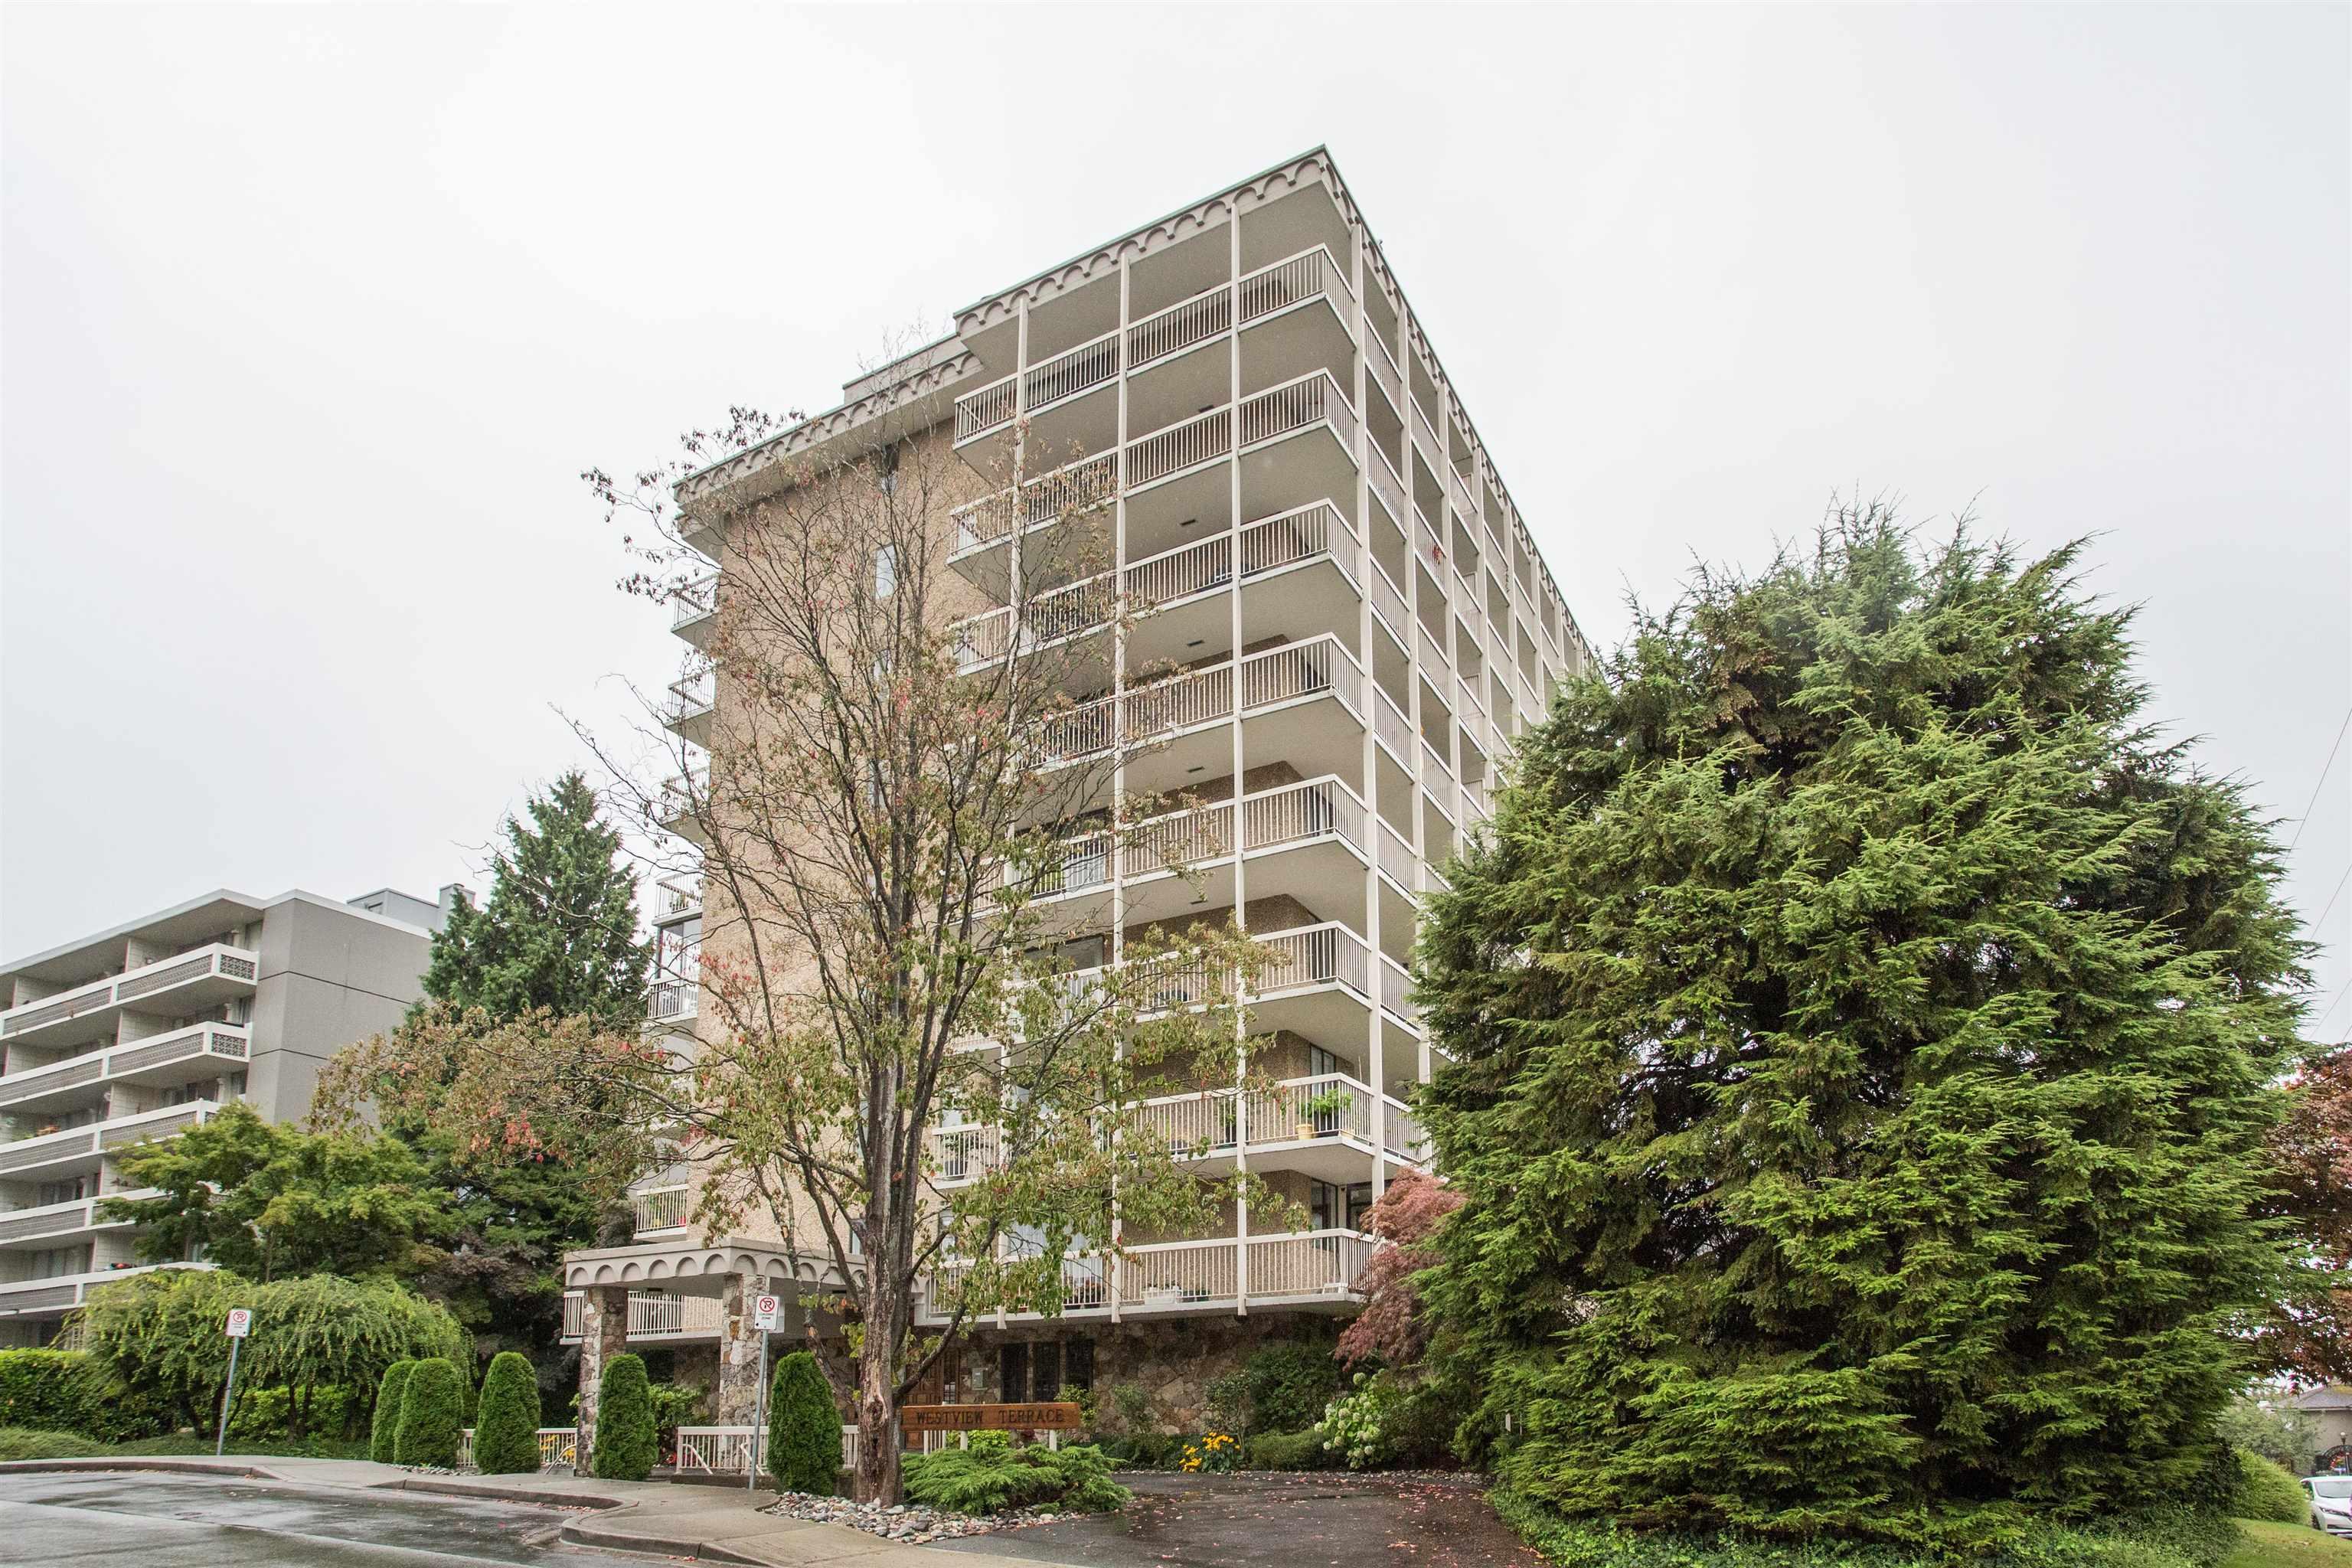 203 1390 DUCHESS AVENUE - Ambleside Apartment/Condo for sale, 1 Bedroom (R2611618) - #39